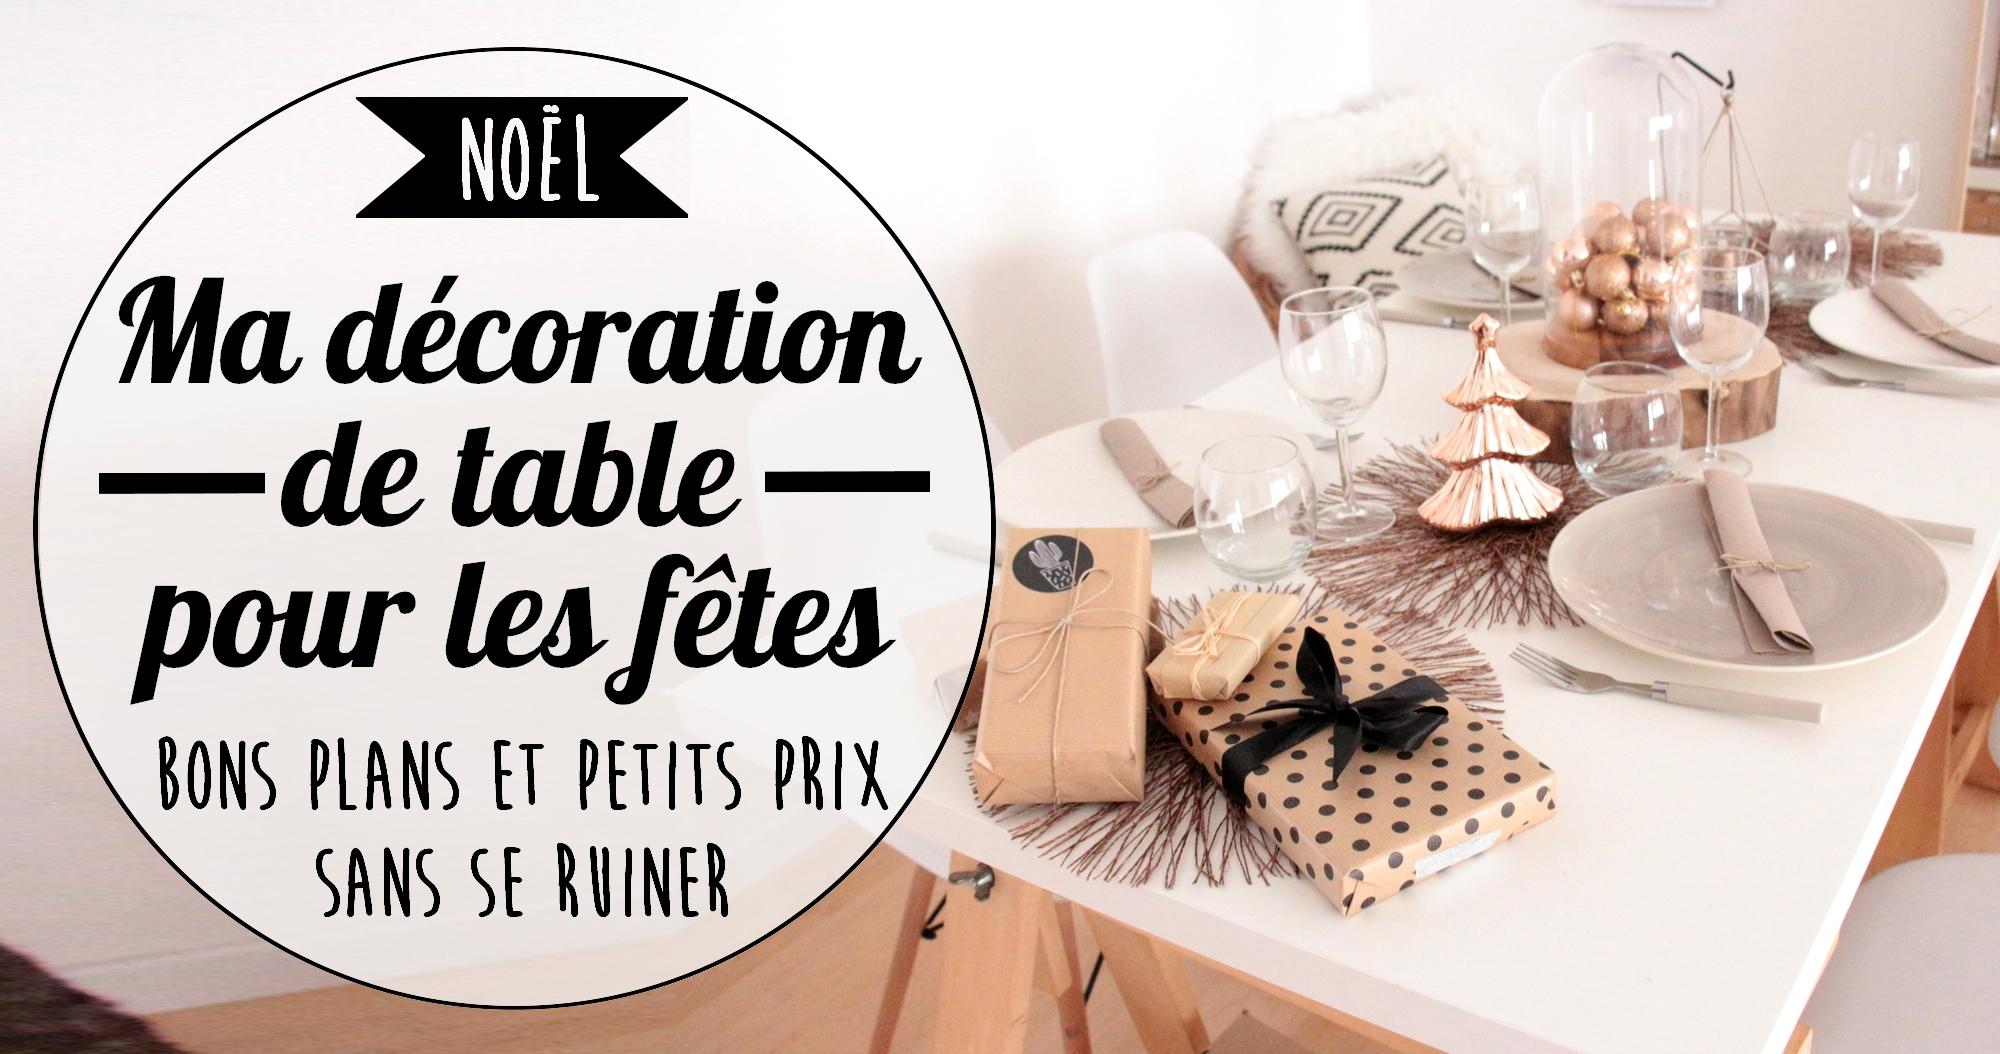 Noël : idée de décoration de table de fête à petits prix